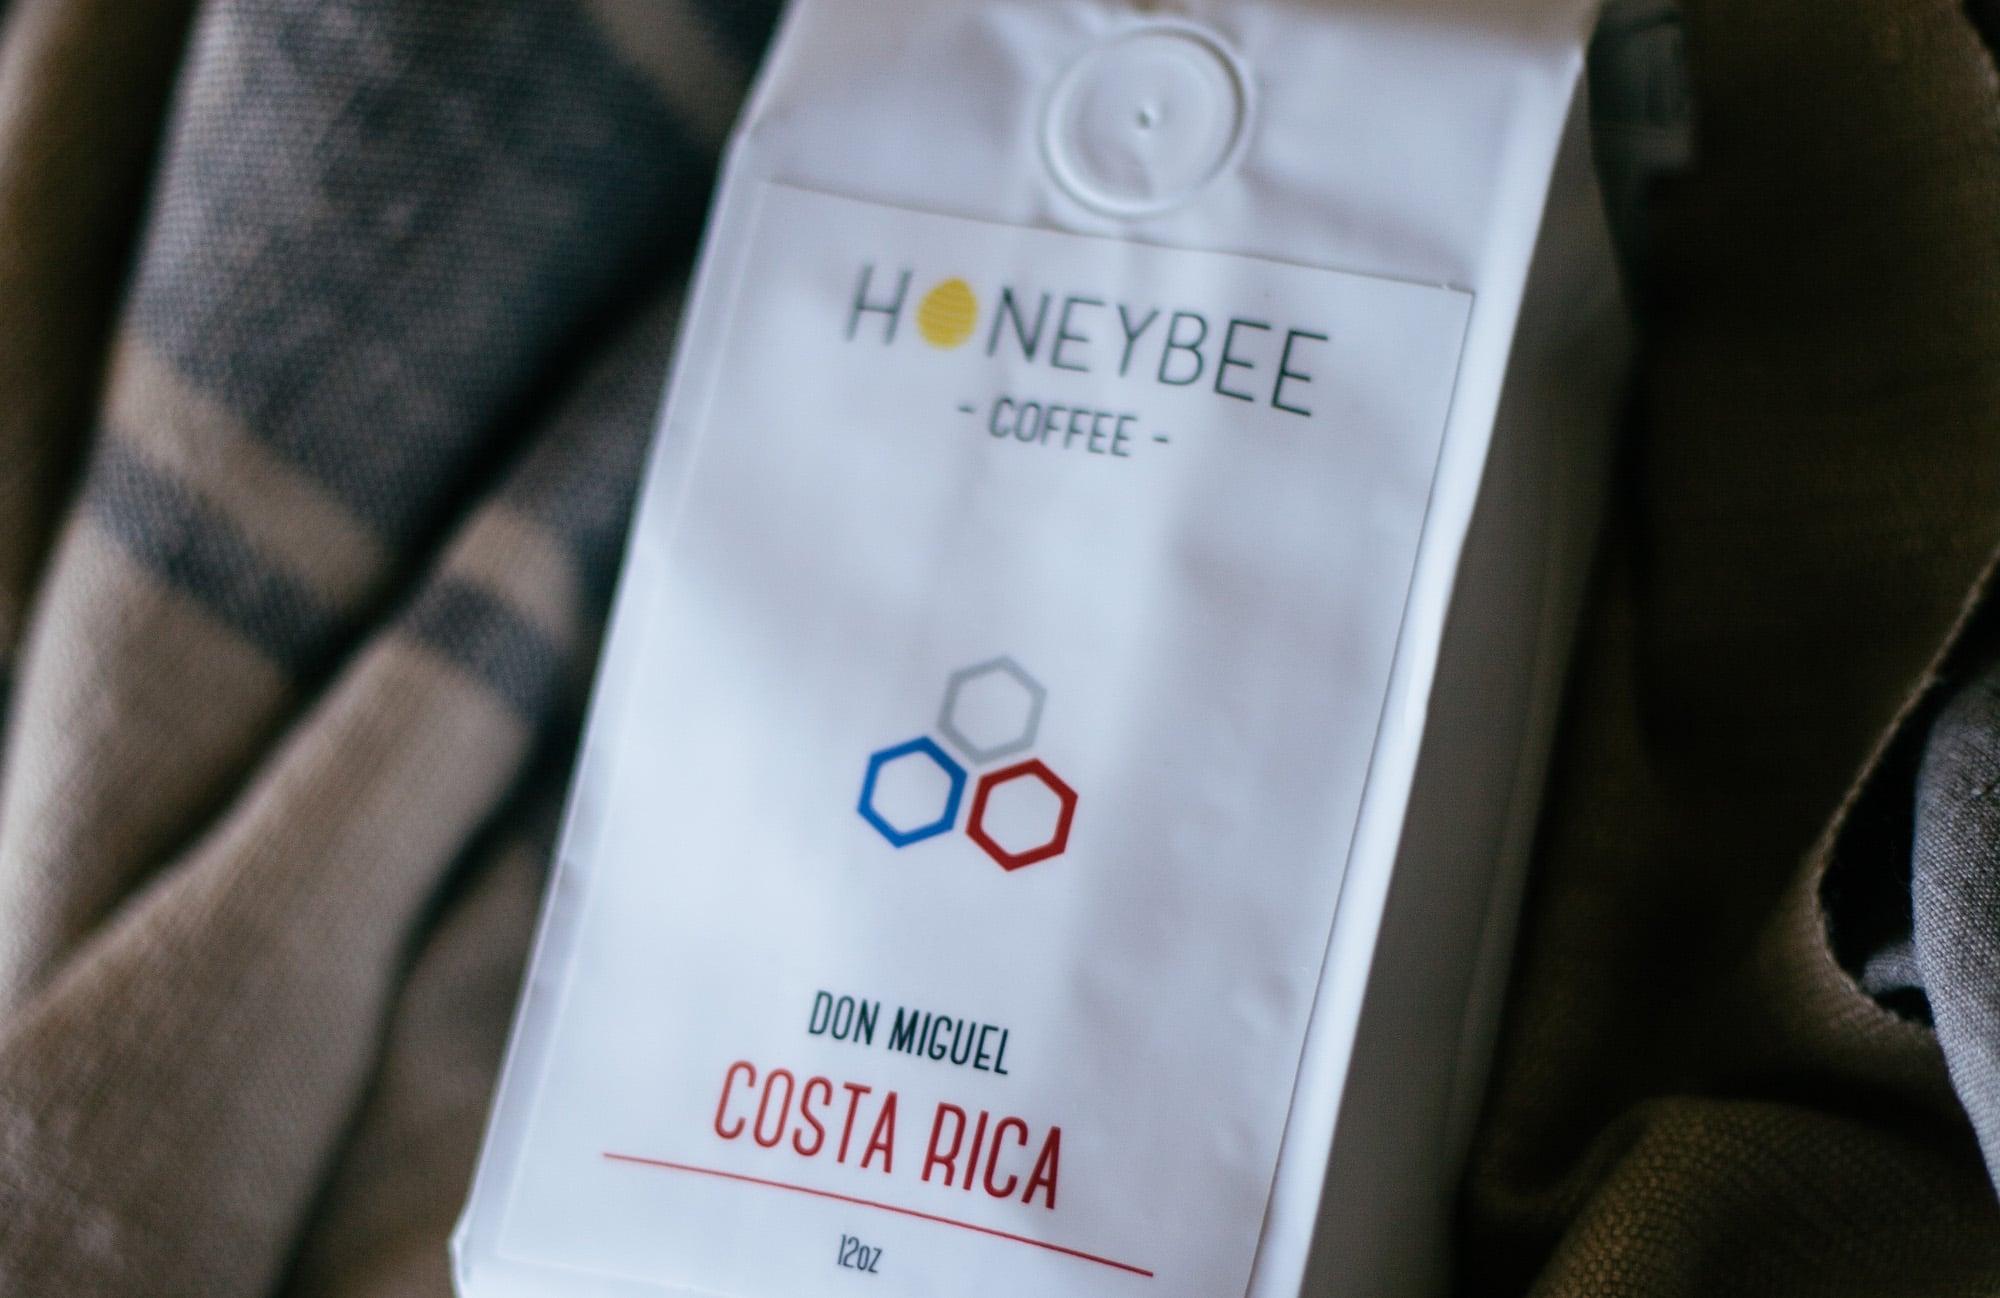 Finest Ethan Beyer: Honeybee Coffee - Coffee Bags VO49